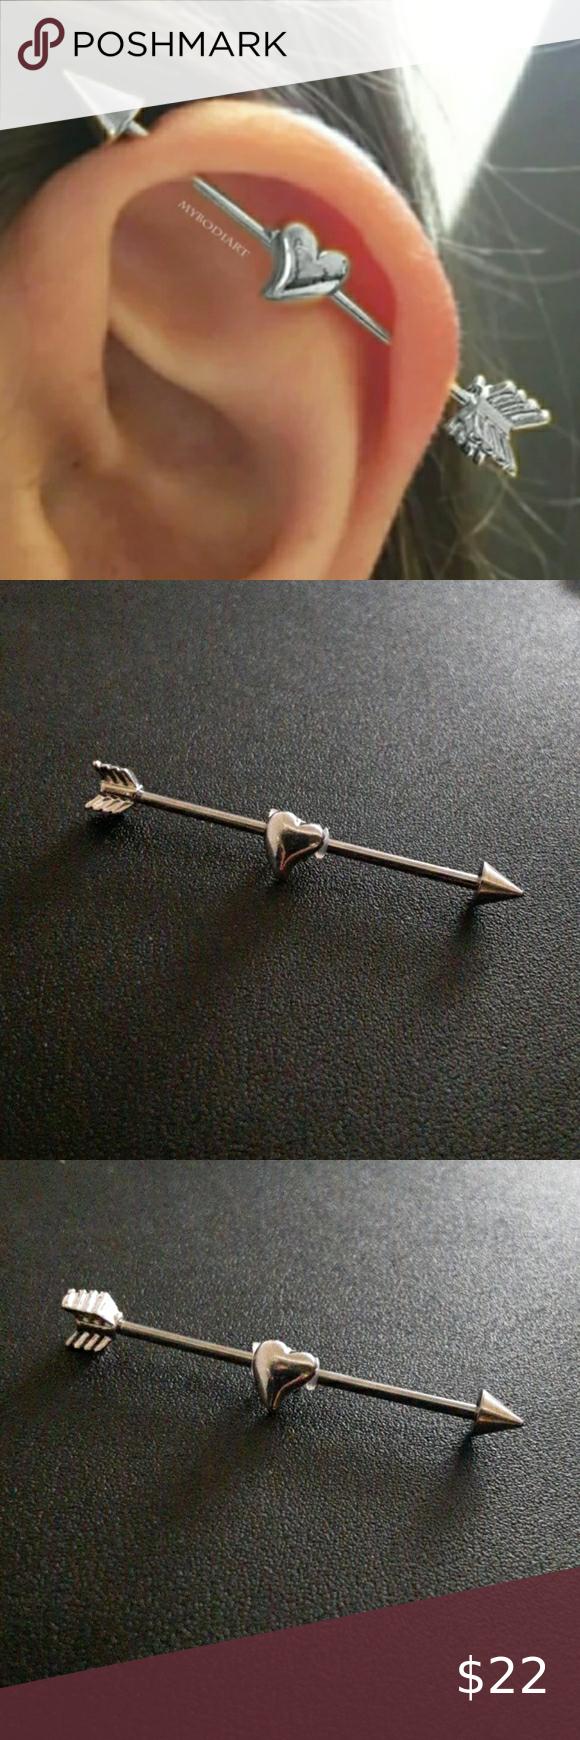 Nose piercings #industrial #barbell #piercing industrial barbell piercing, bar ...